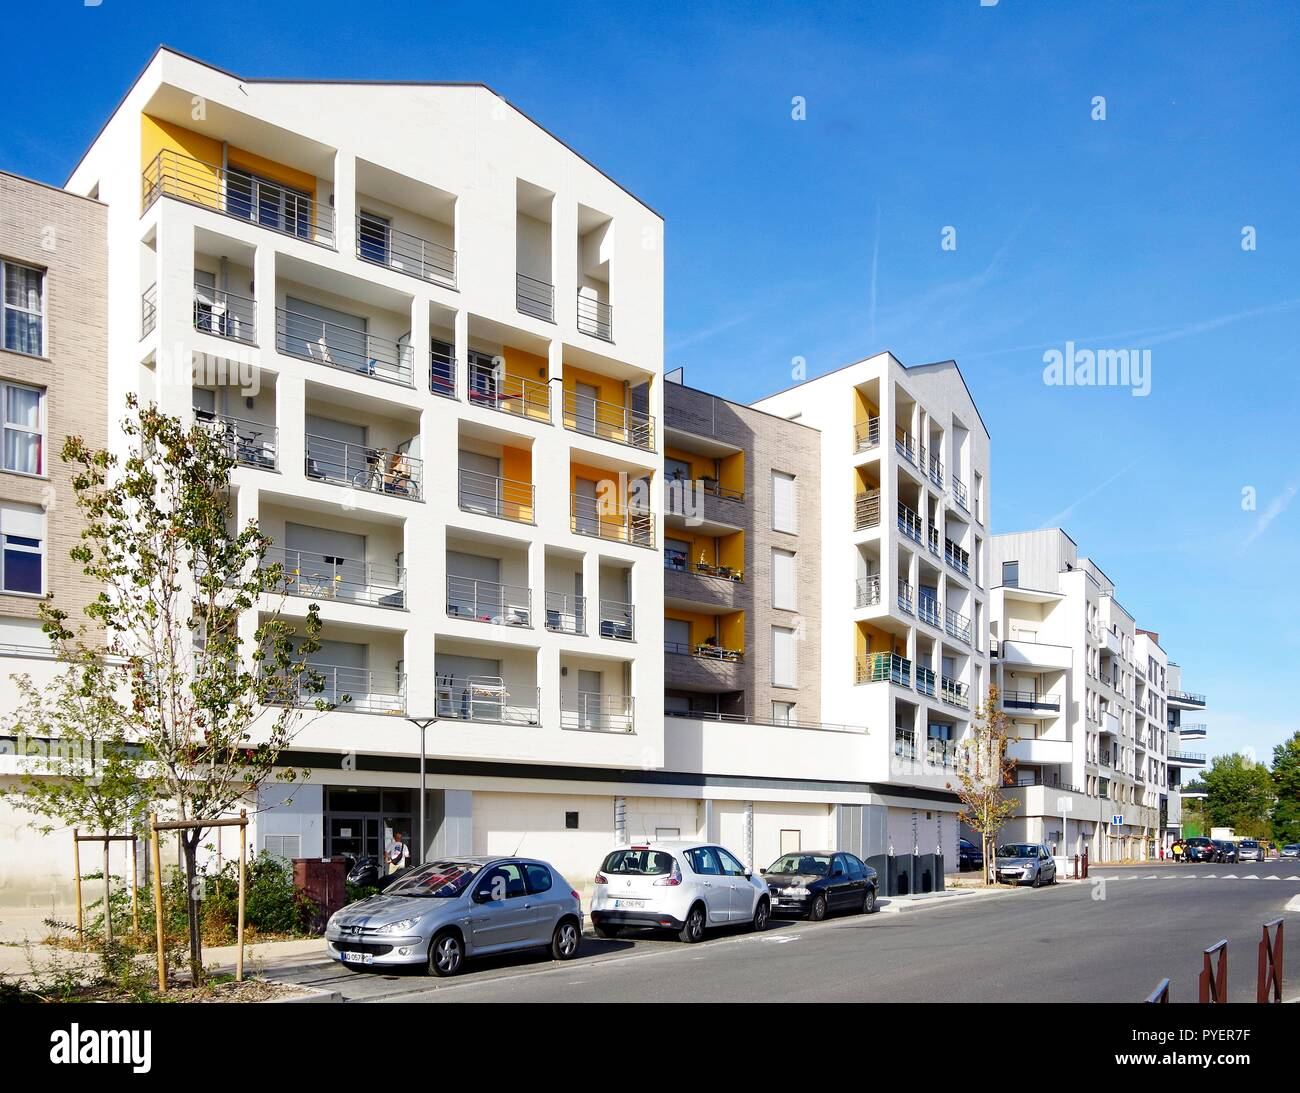 Zwei vor kurzem abgeschlossene 5 und 6-stöckigen Apartmenthäusern, mit einem besonders sonnig und einladend aussehen, als ob sie am Meer waren. Stockbild